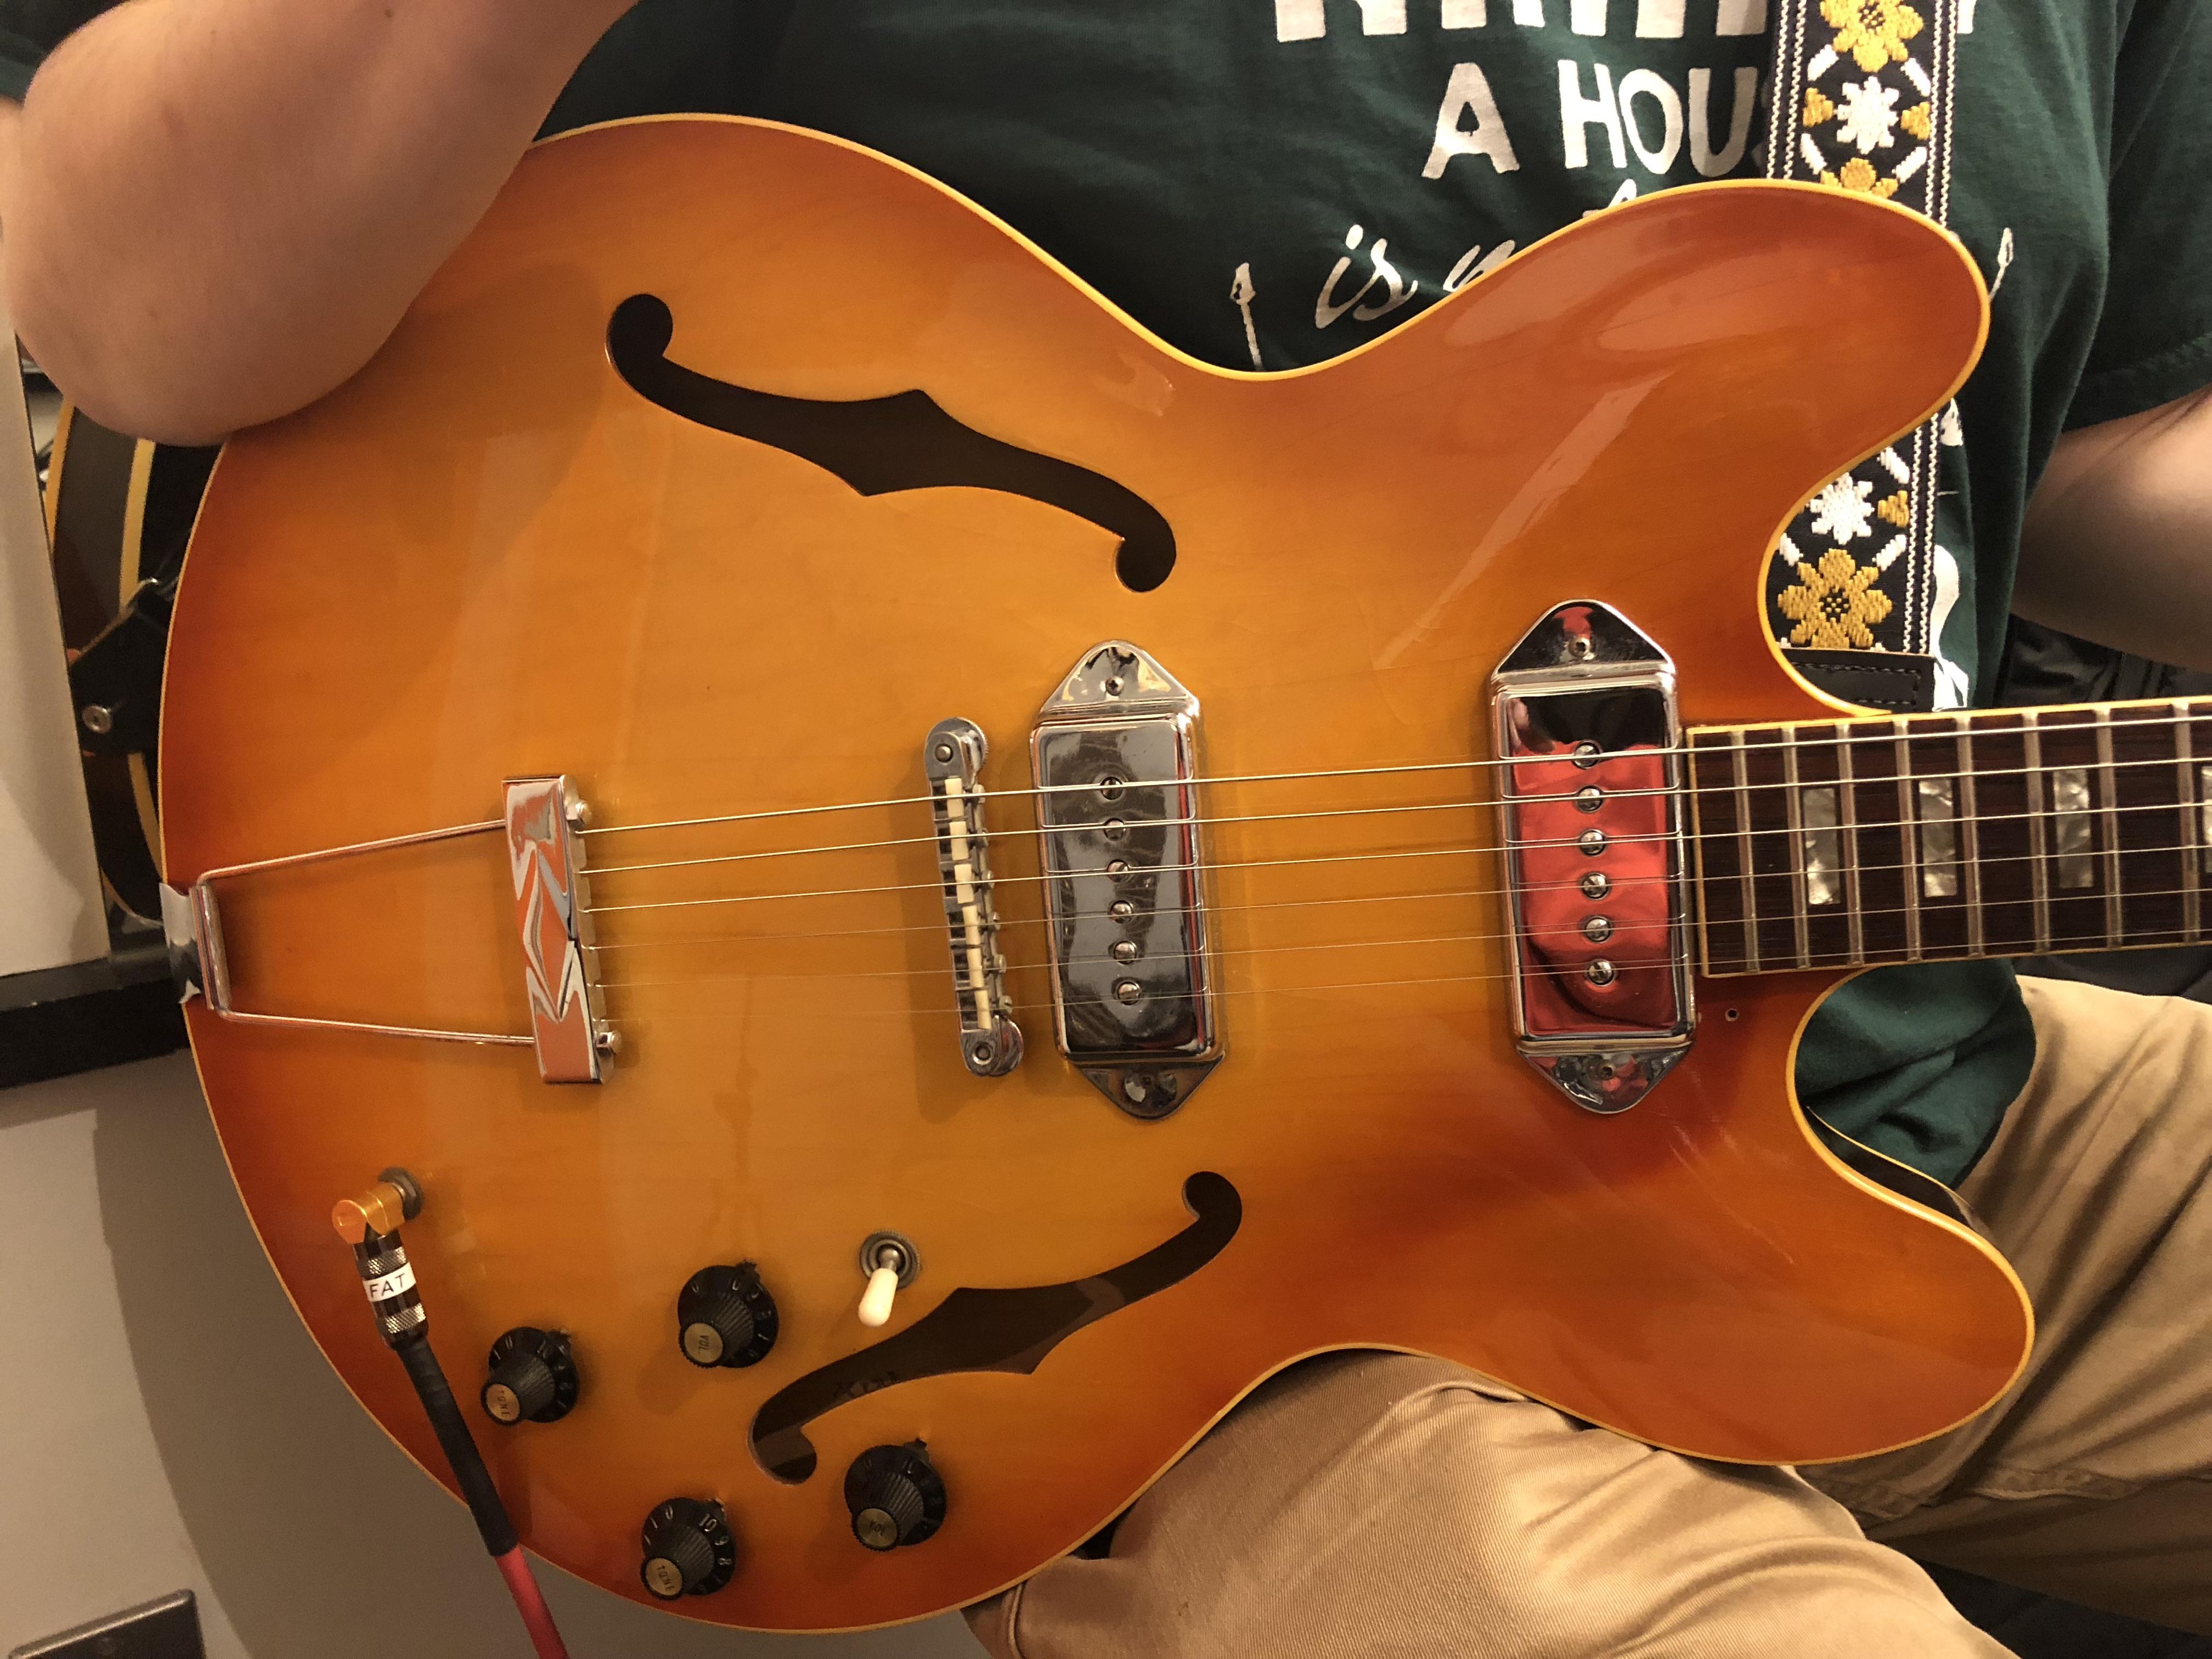 宇野振道場 Q-sai@楽器挫折者救済合宿 ギター教室 ギブソン ES-330